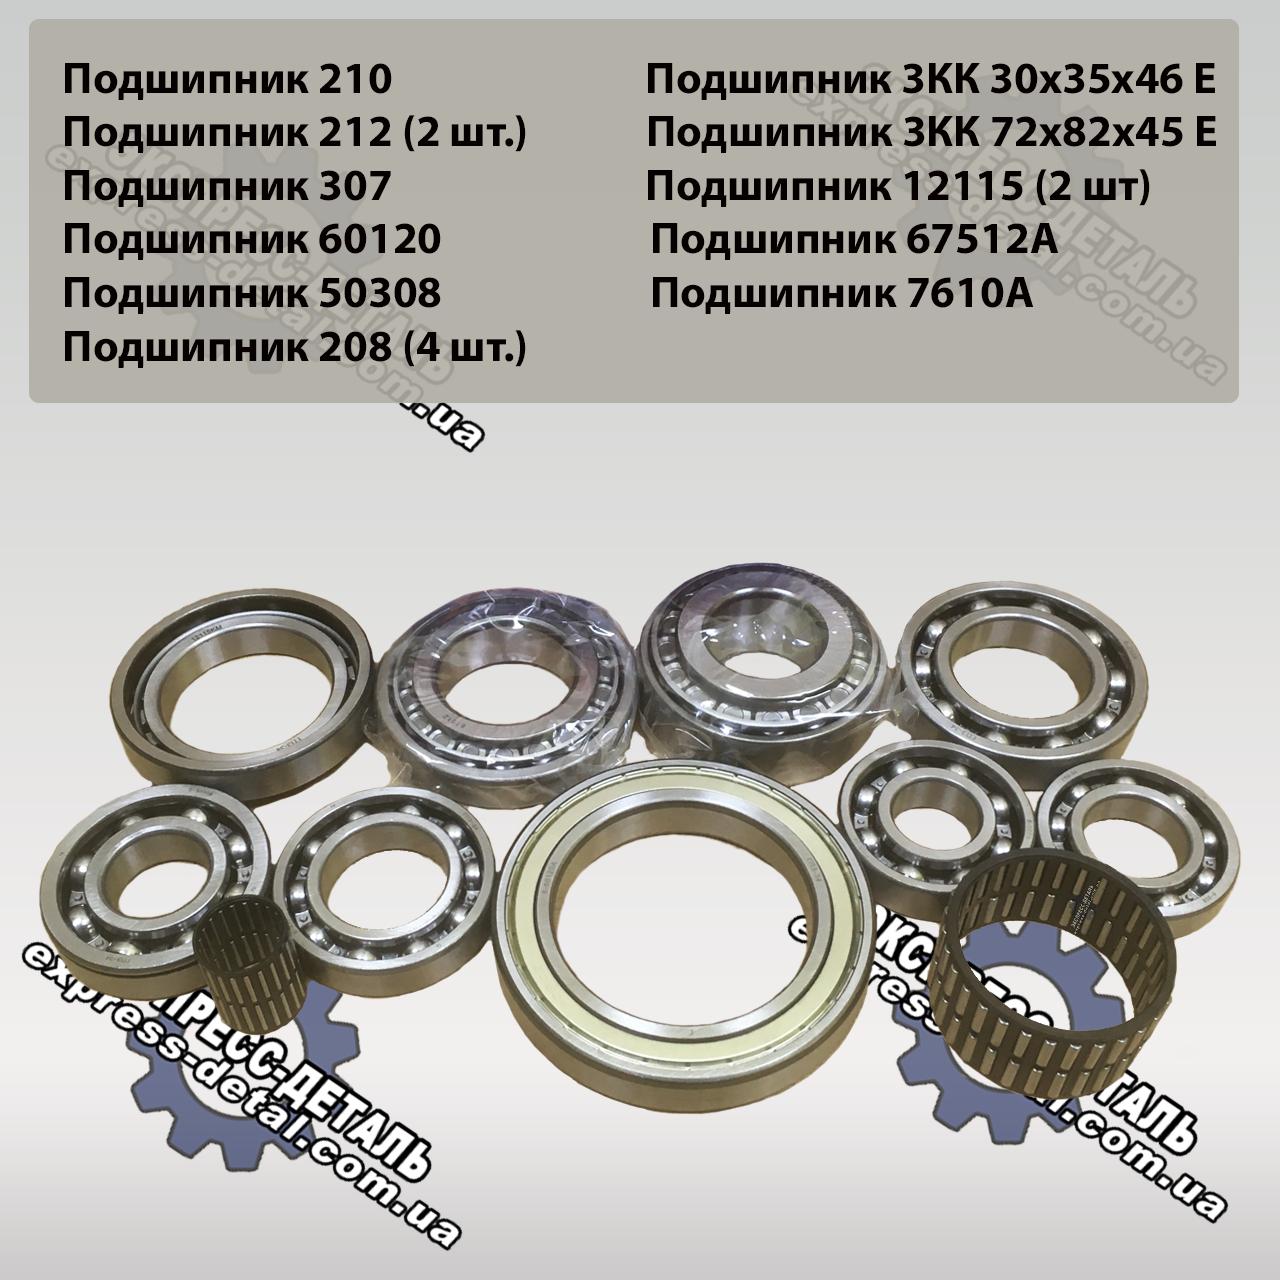 Комплект підшипників КПП МТЗ (повний набір)